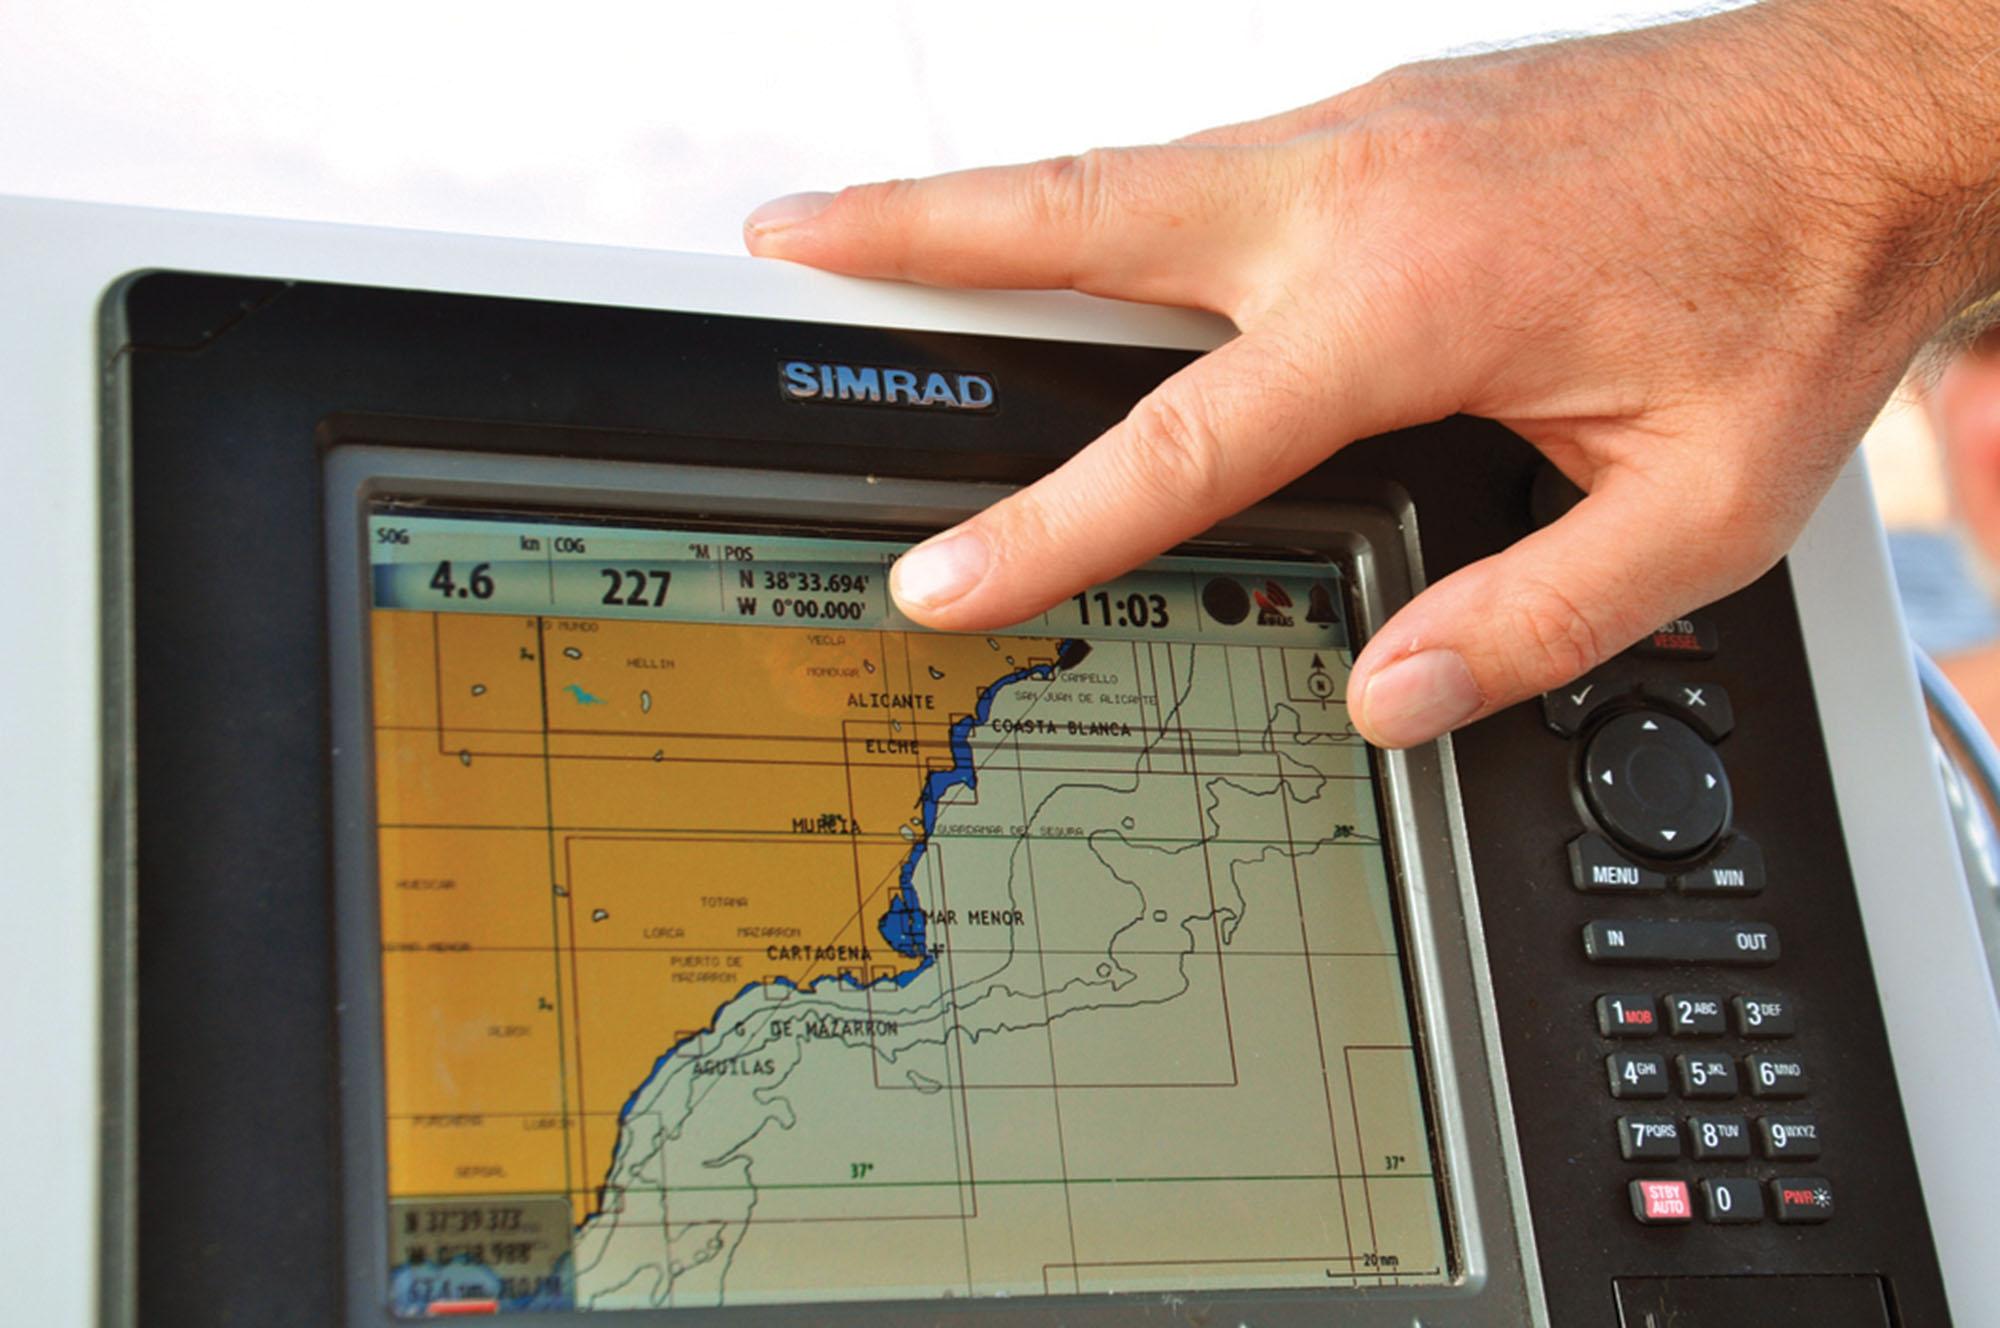 Монітор GPS: проходимо нульовий меридіан